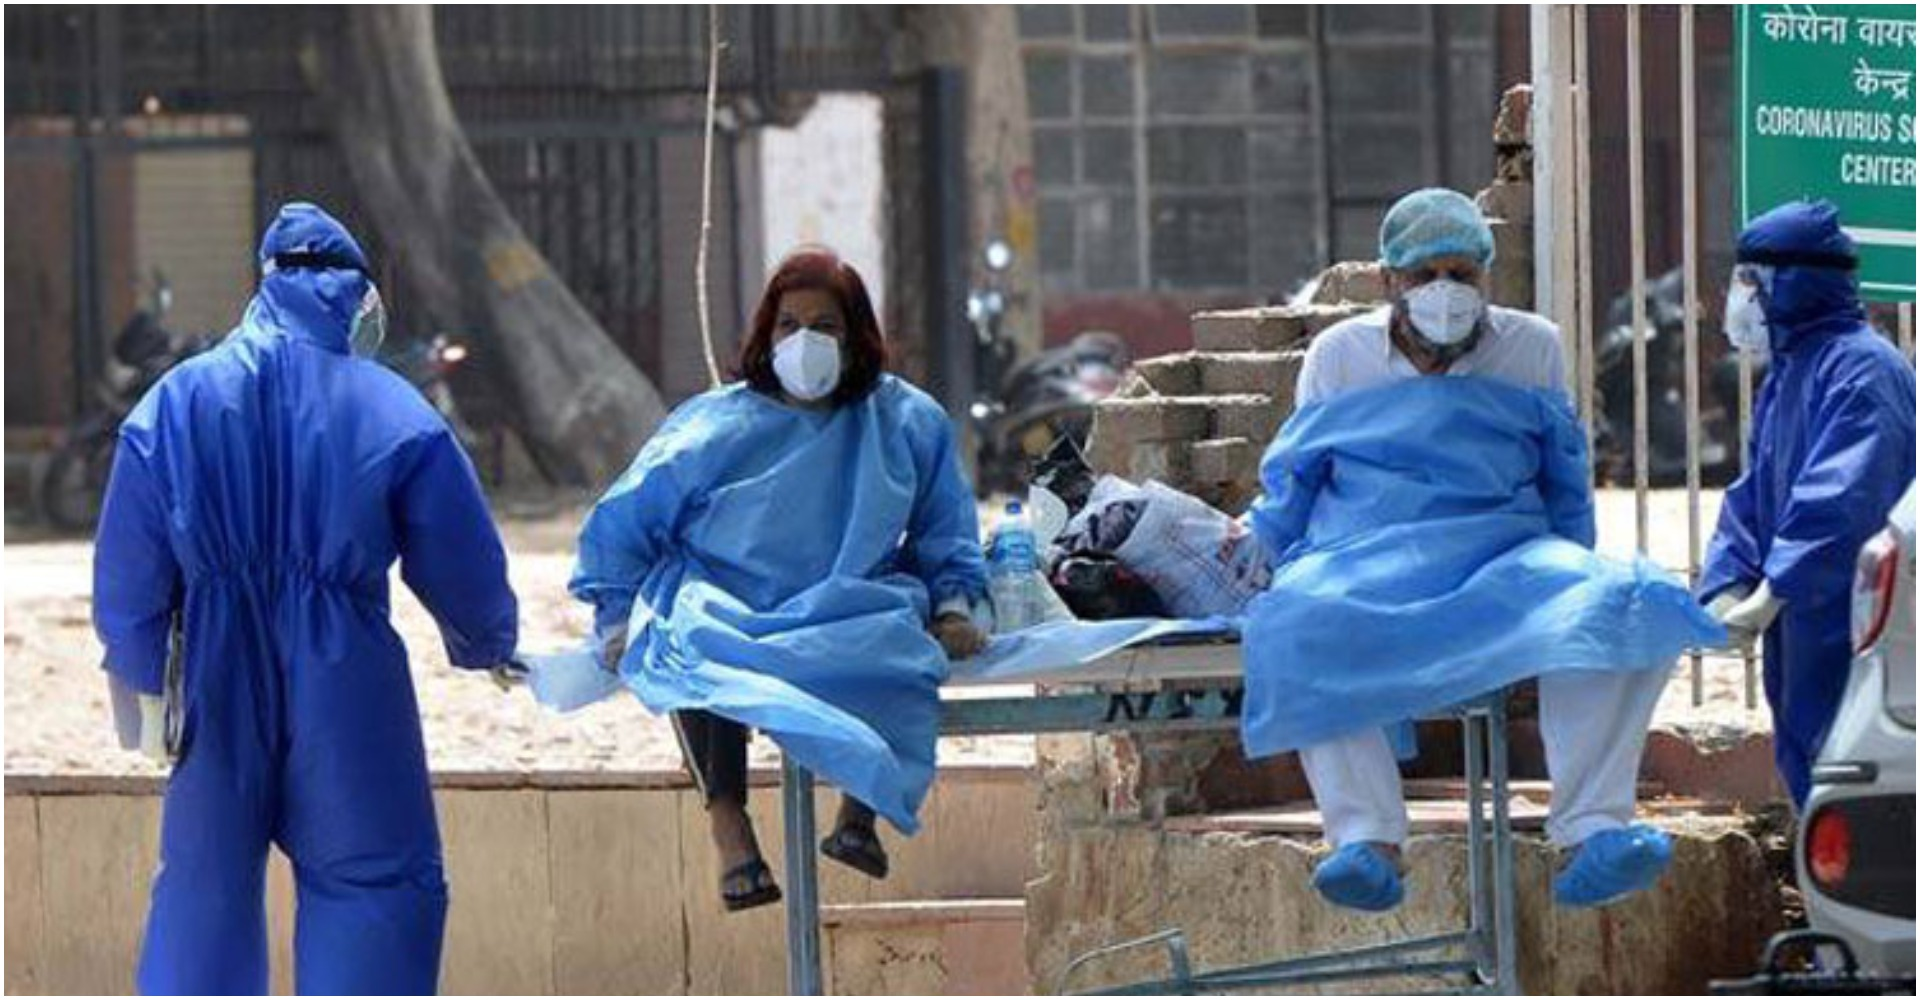 Coronavirus Updates: कोरोना वायरस के चपेट में महिलाओं से ज्यादा पुरुषों को है नुक्सान, यहाँ जाने वजह